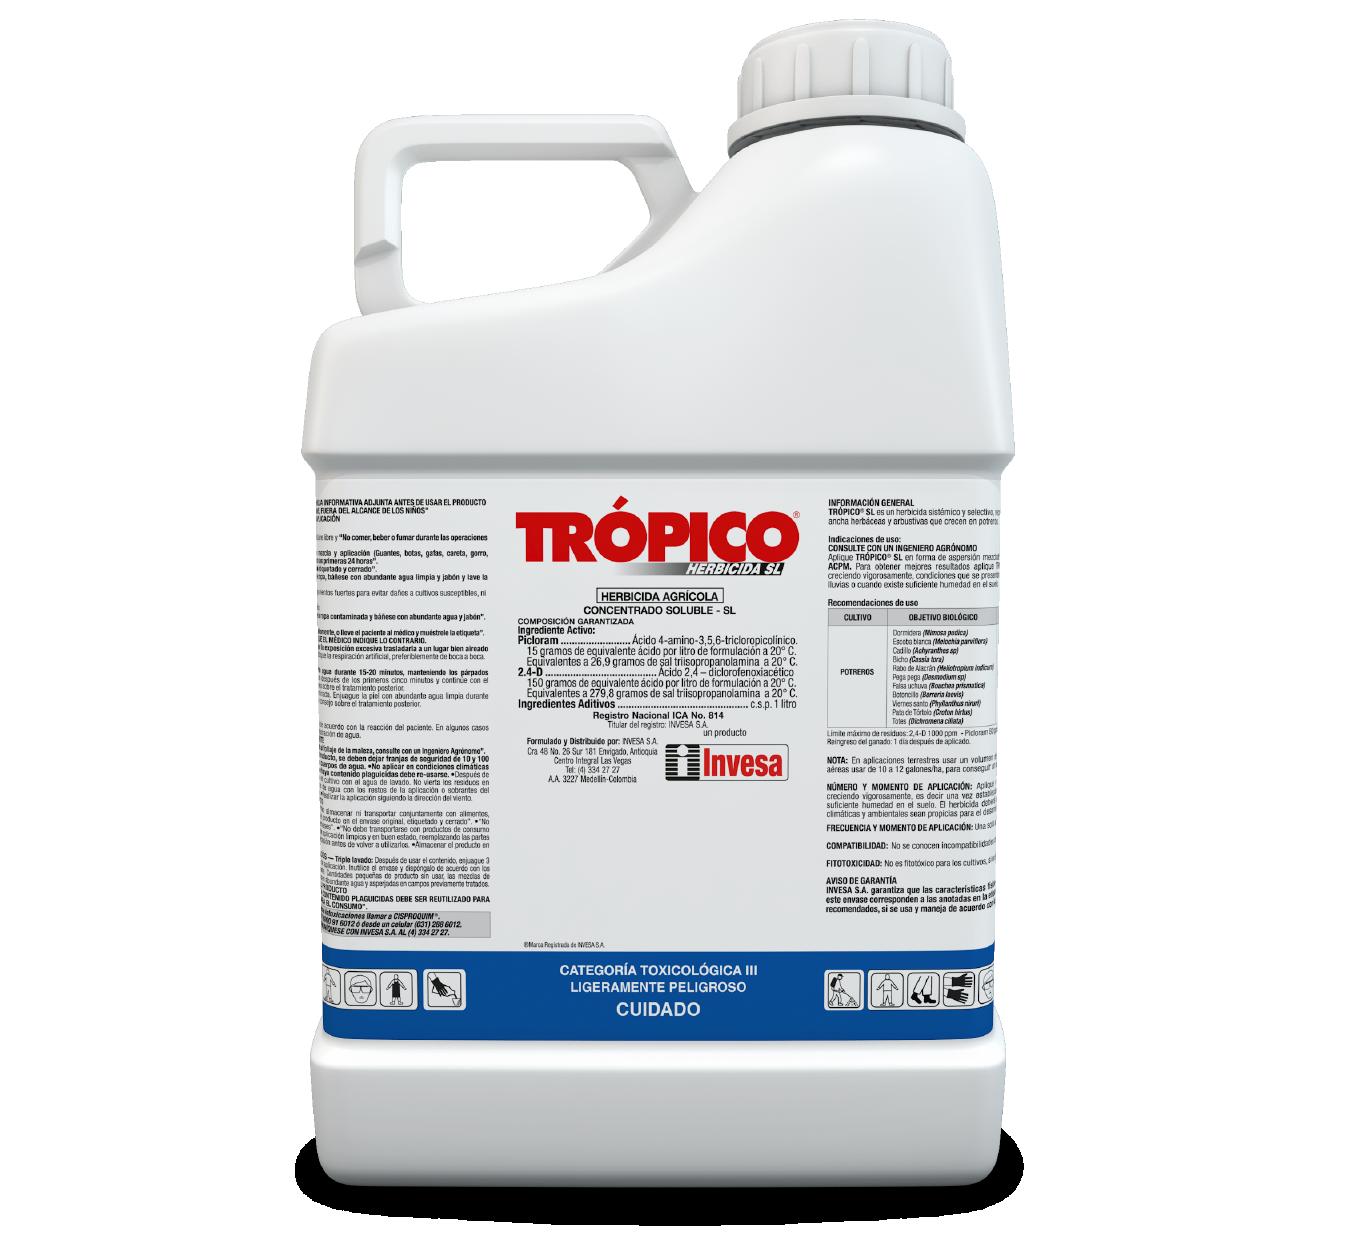 Herbicida tr%c3%b3pico sl invesa 4 litro